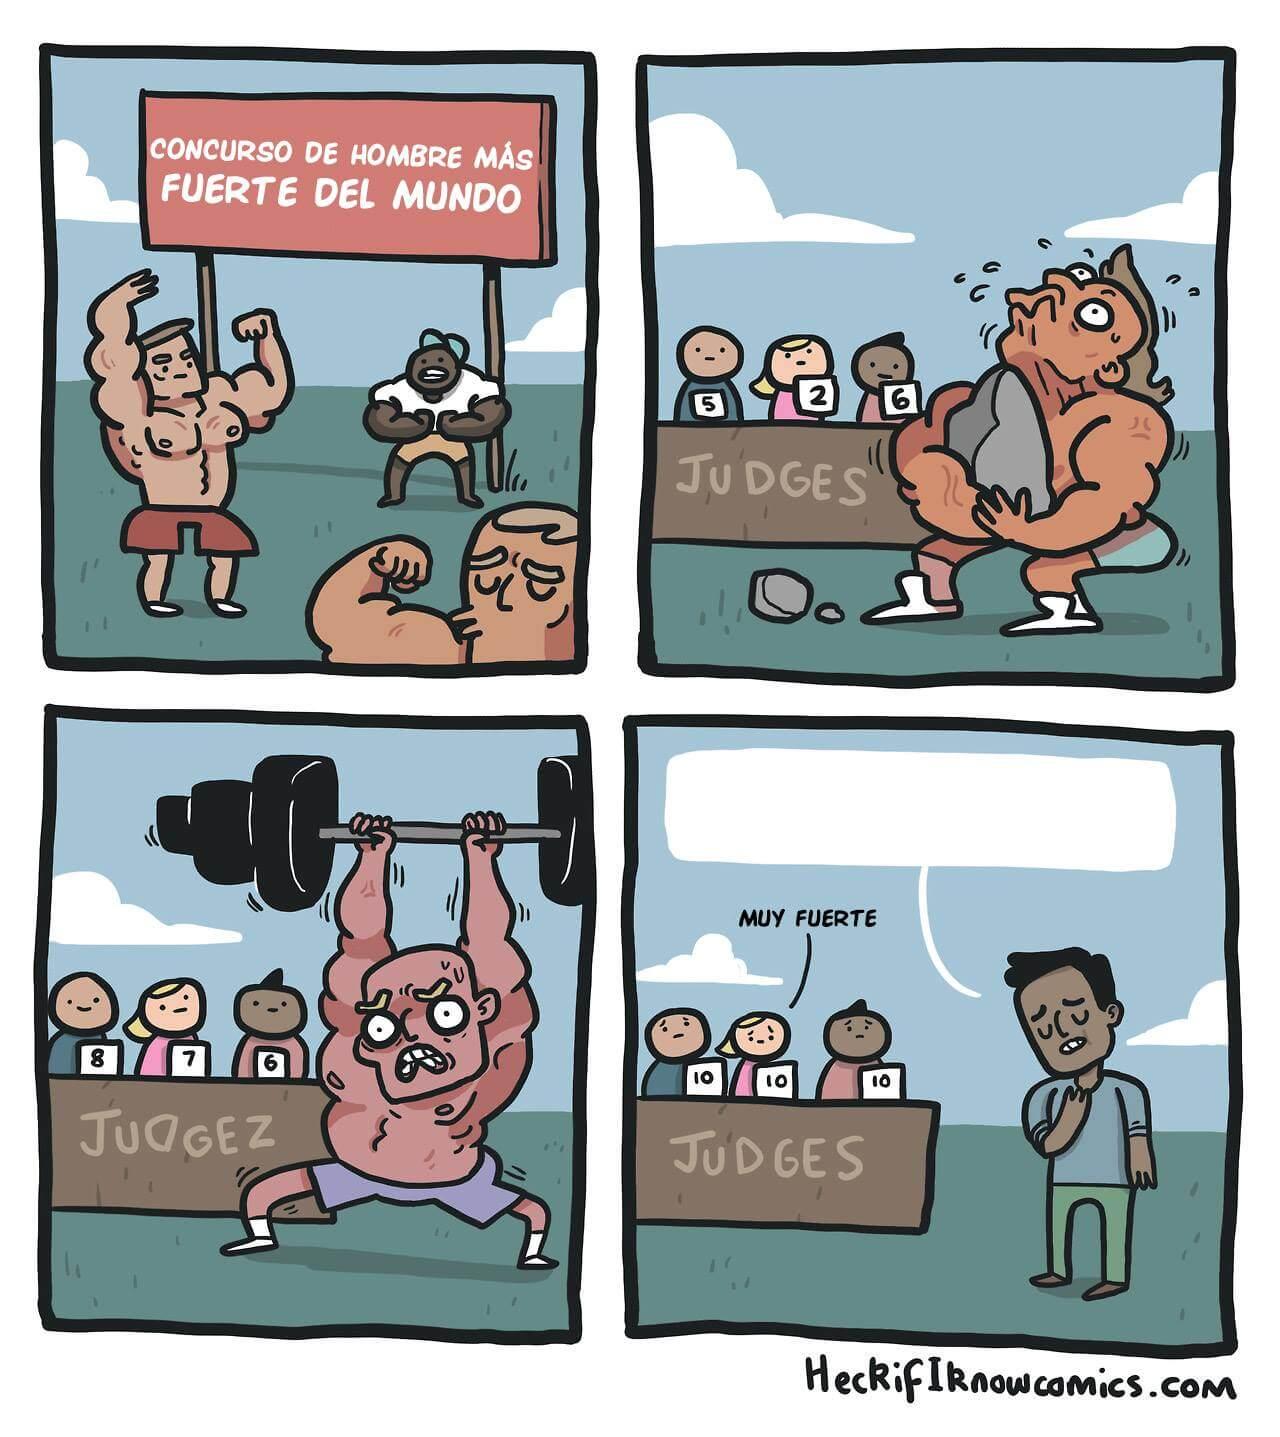 Plantilla de Concurso del hombre más fuerte del mundo